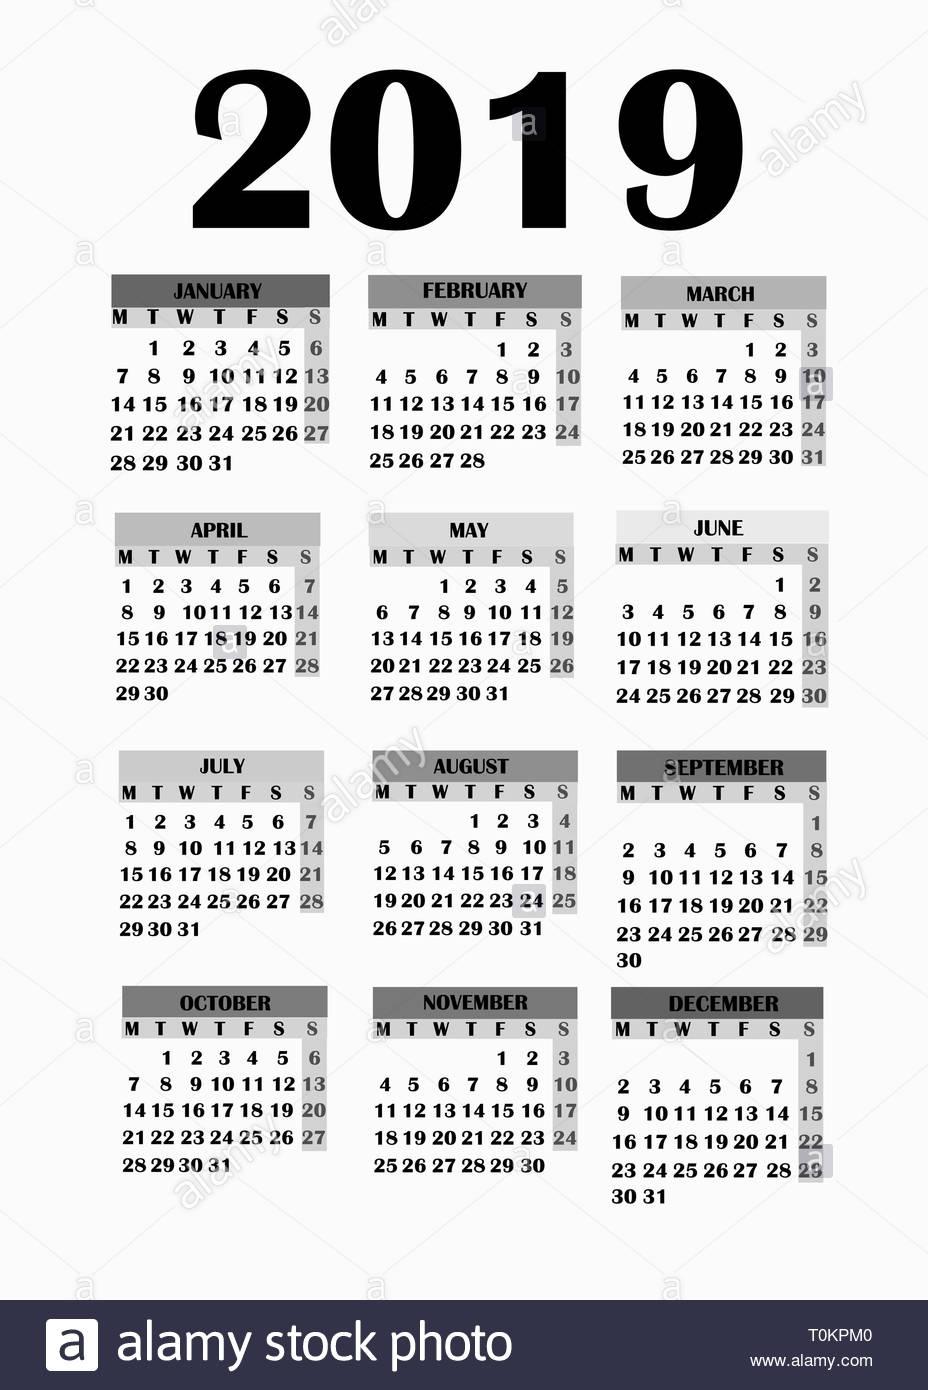 Pick 12Th September 2021 Julian Date